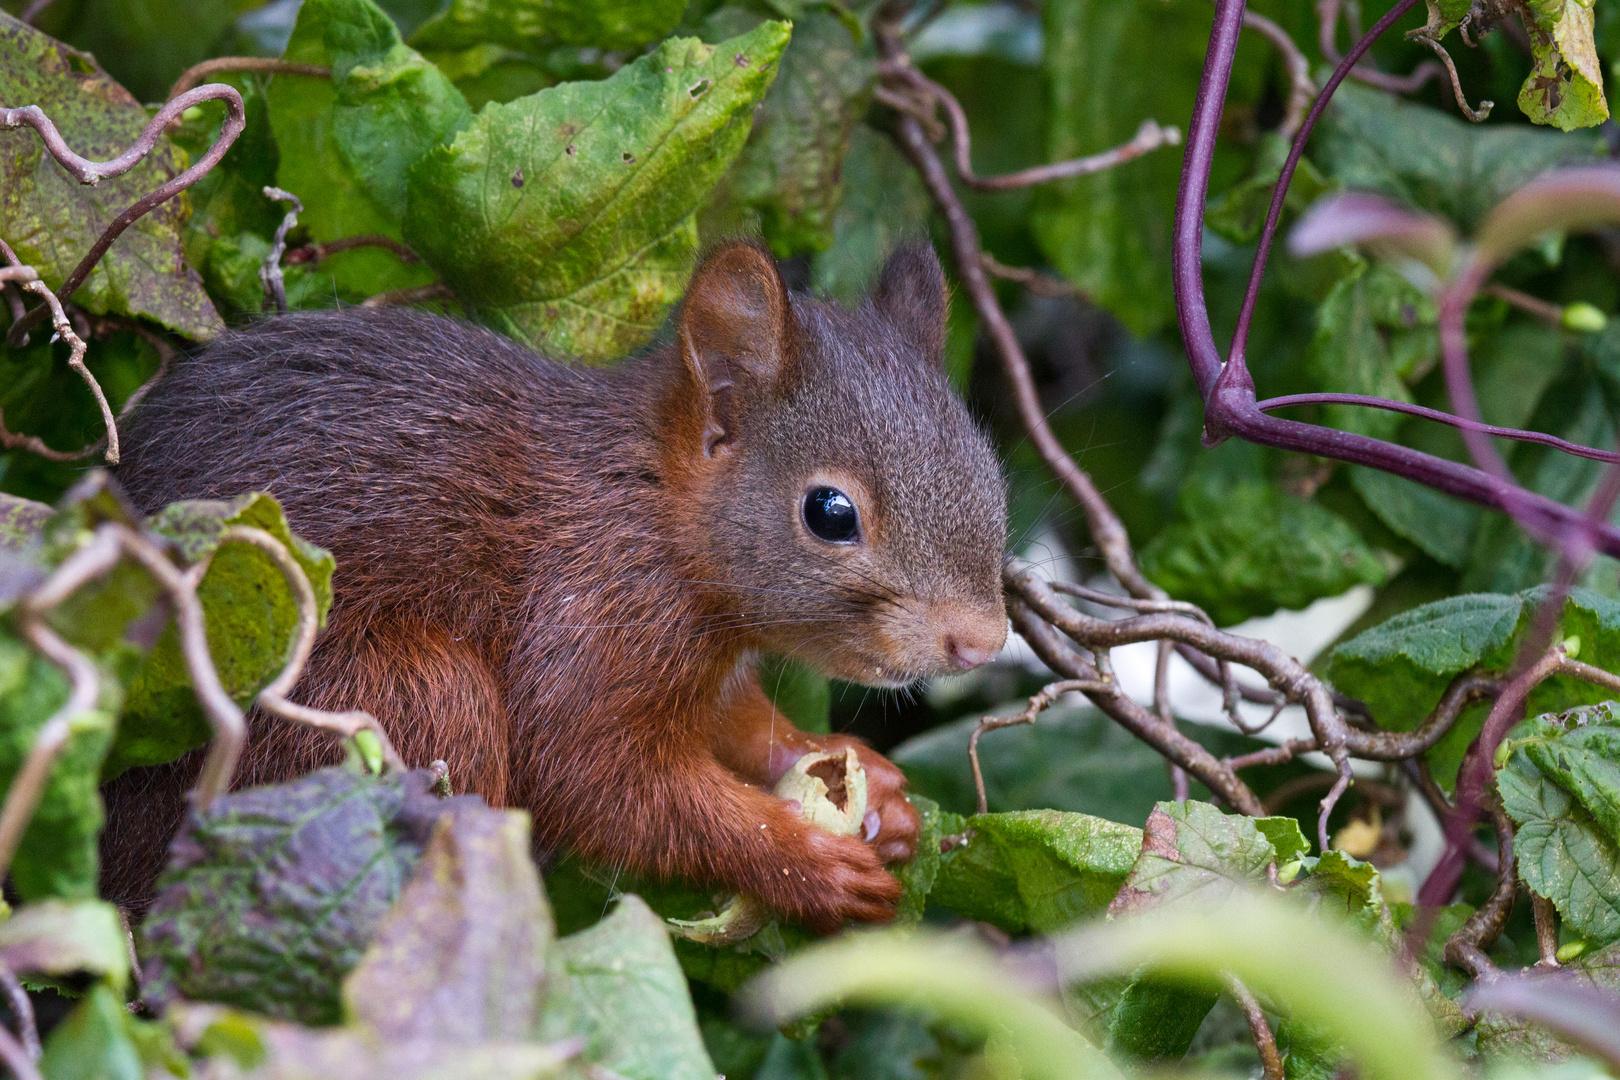 Eichhörnchen bei der Nahrungssuche